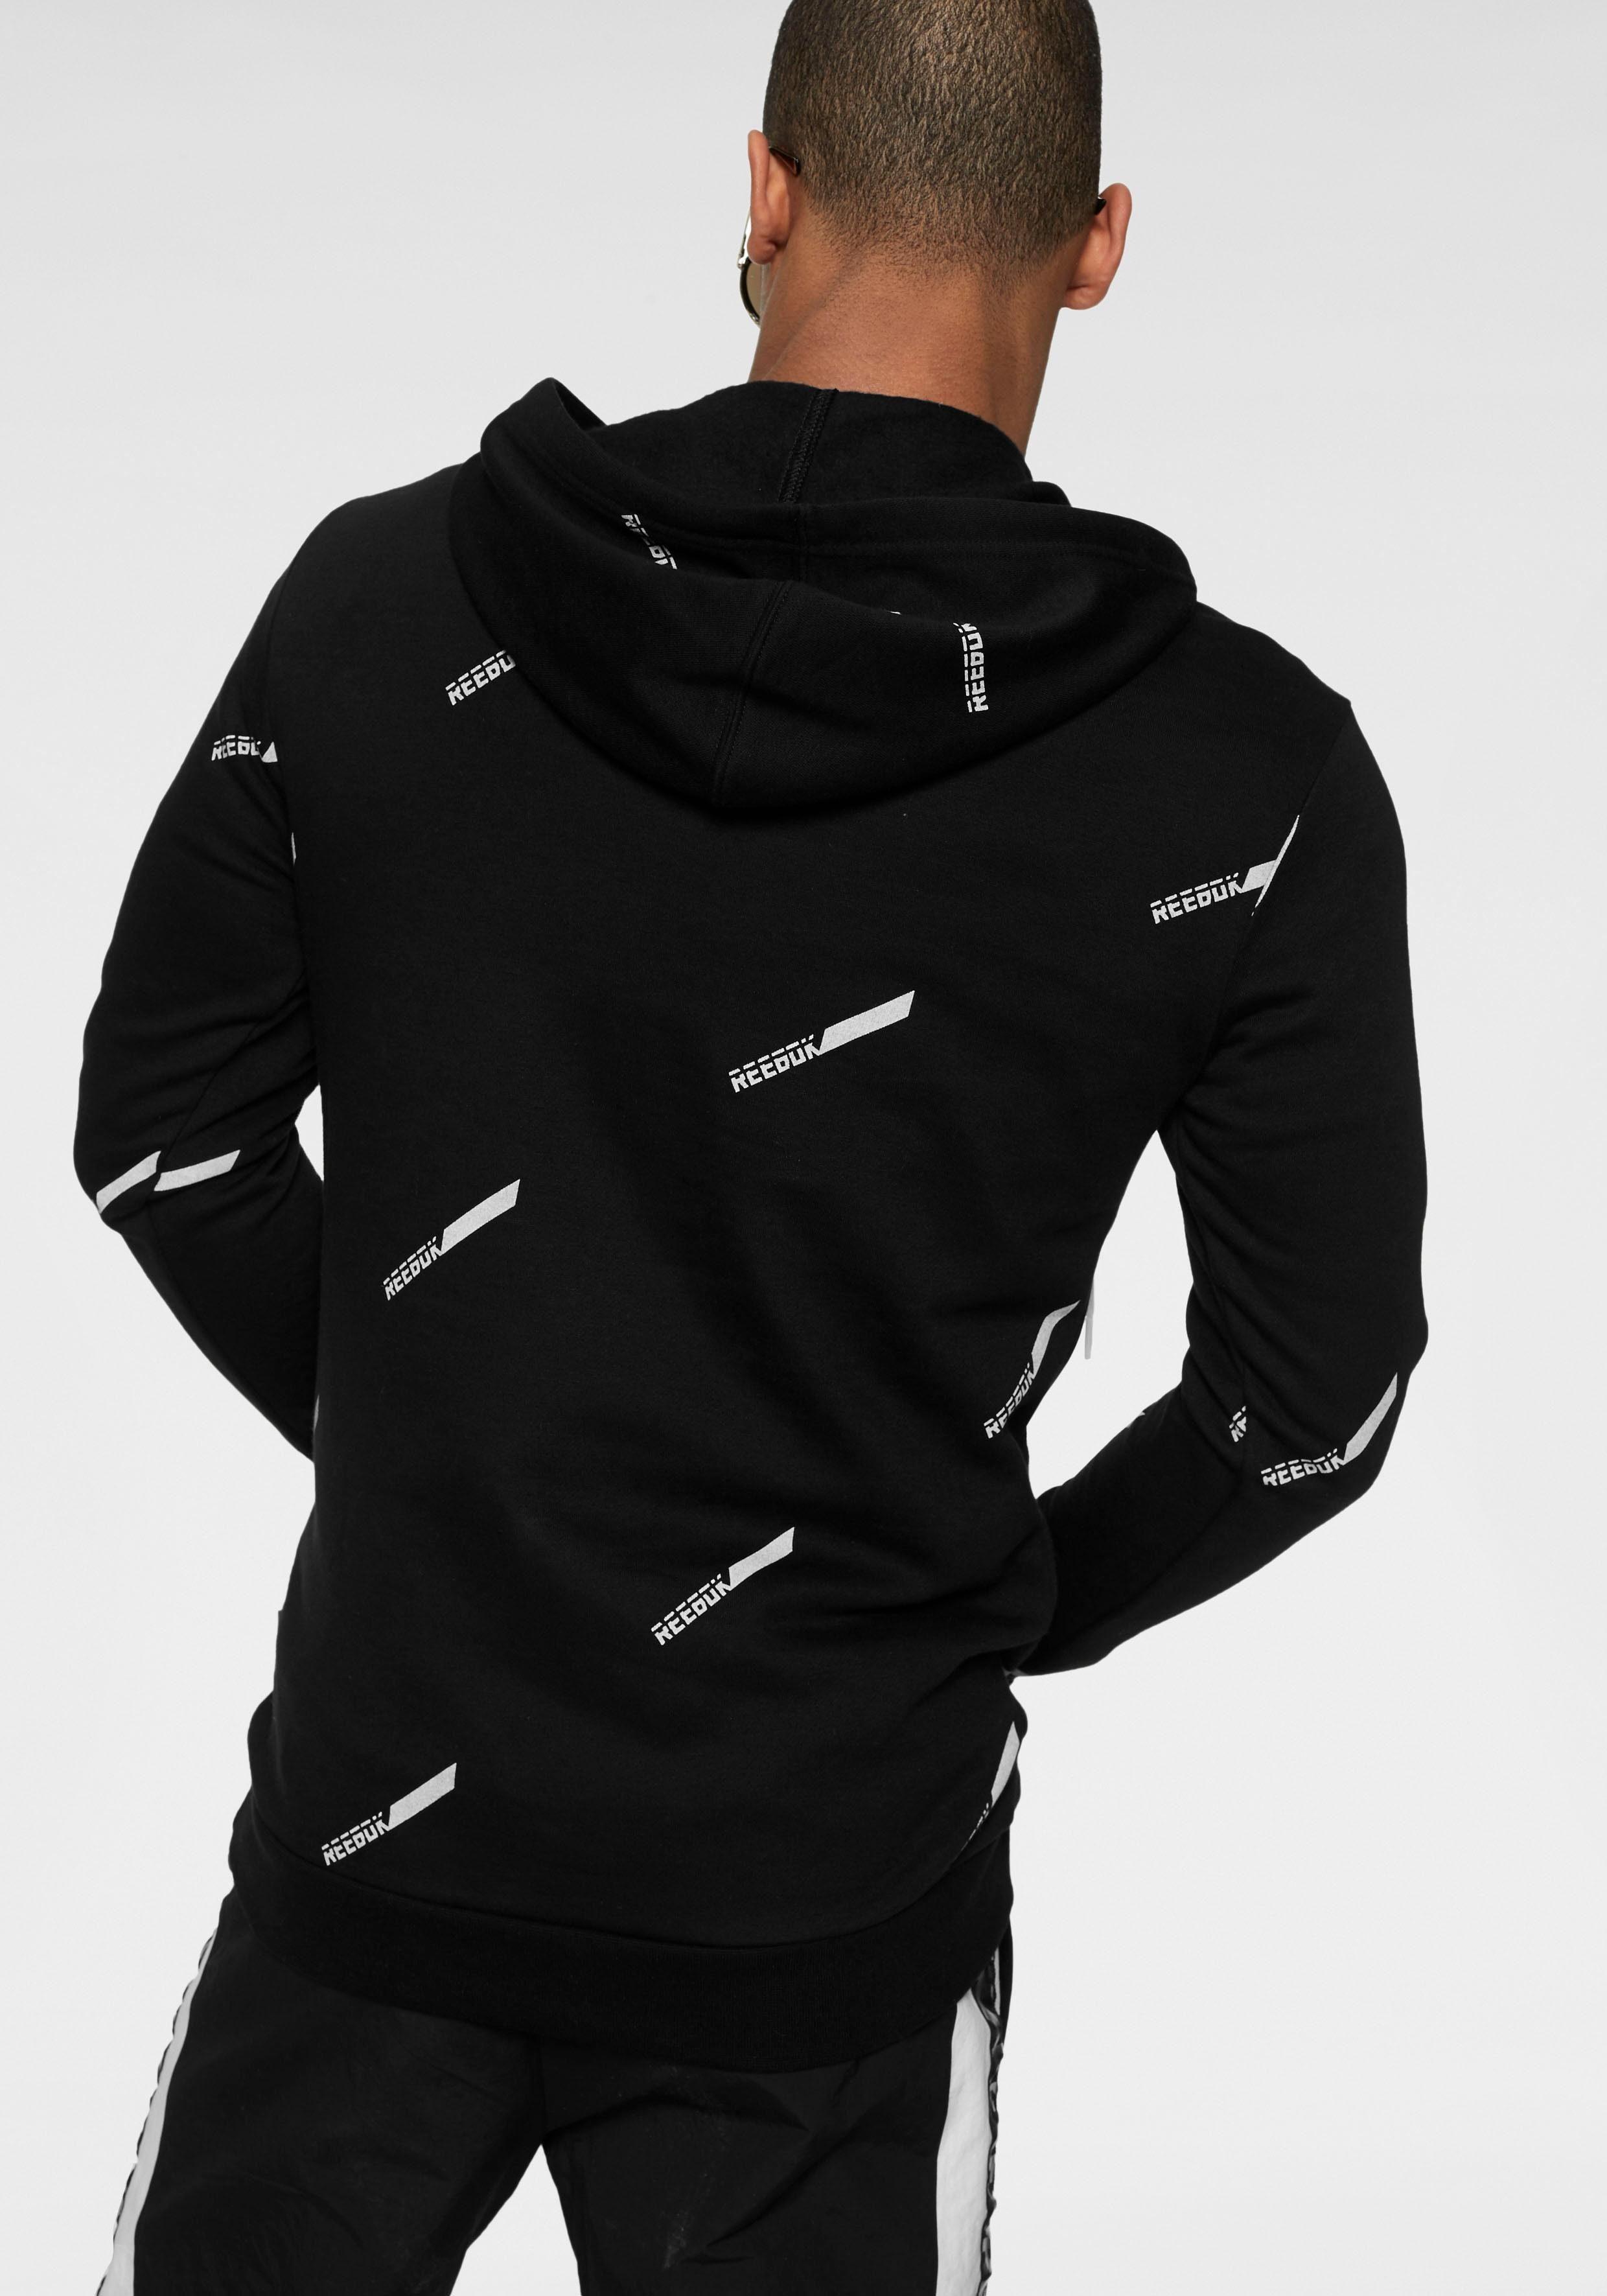 Online Kaufen Kapuzensweatshirt Online Kapuzensweatshirt Online Reebok Reebok Kapuzensweatshirt Kaufen Kaufen Reebok Kapuzensweatshirt Reebok Ac34RLq5j